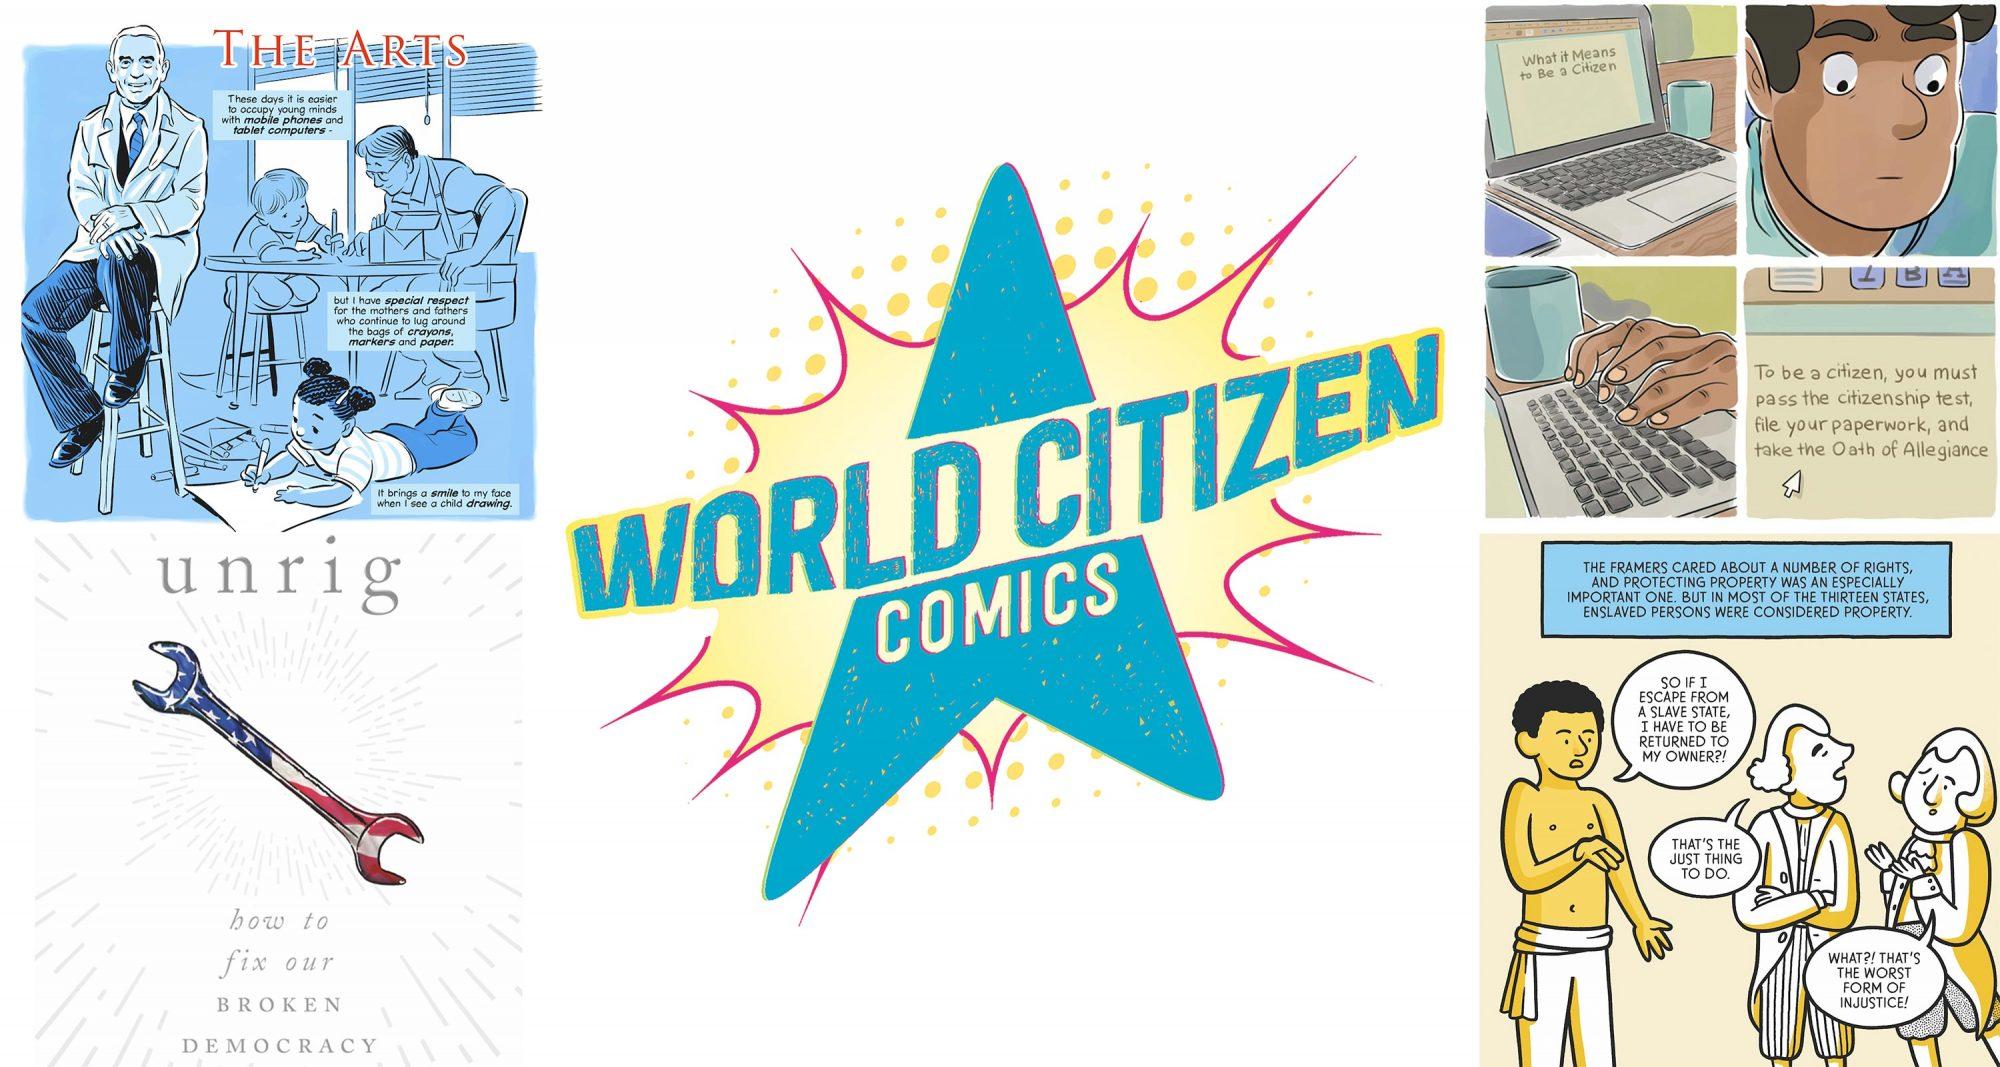 World-Citizen-Comics-2